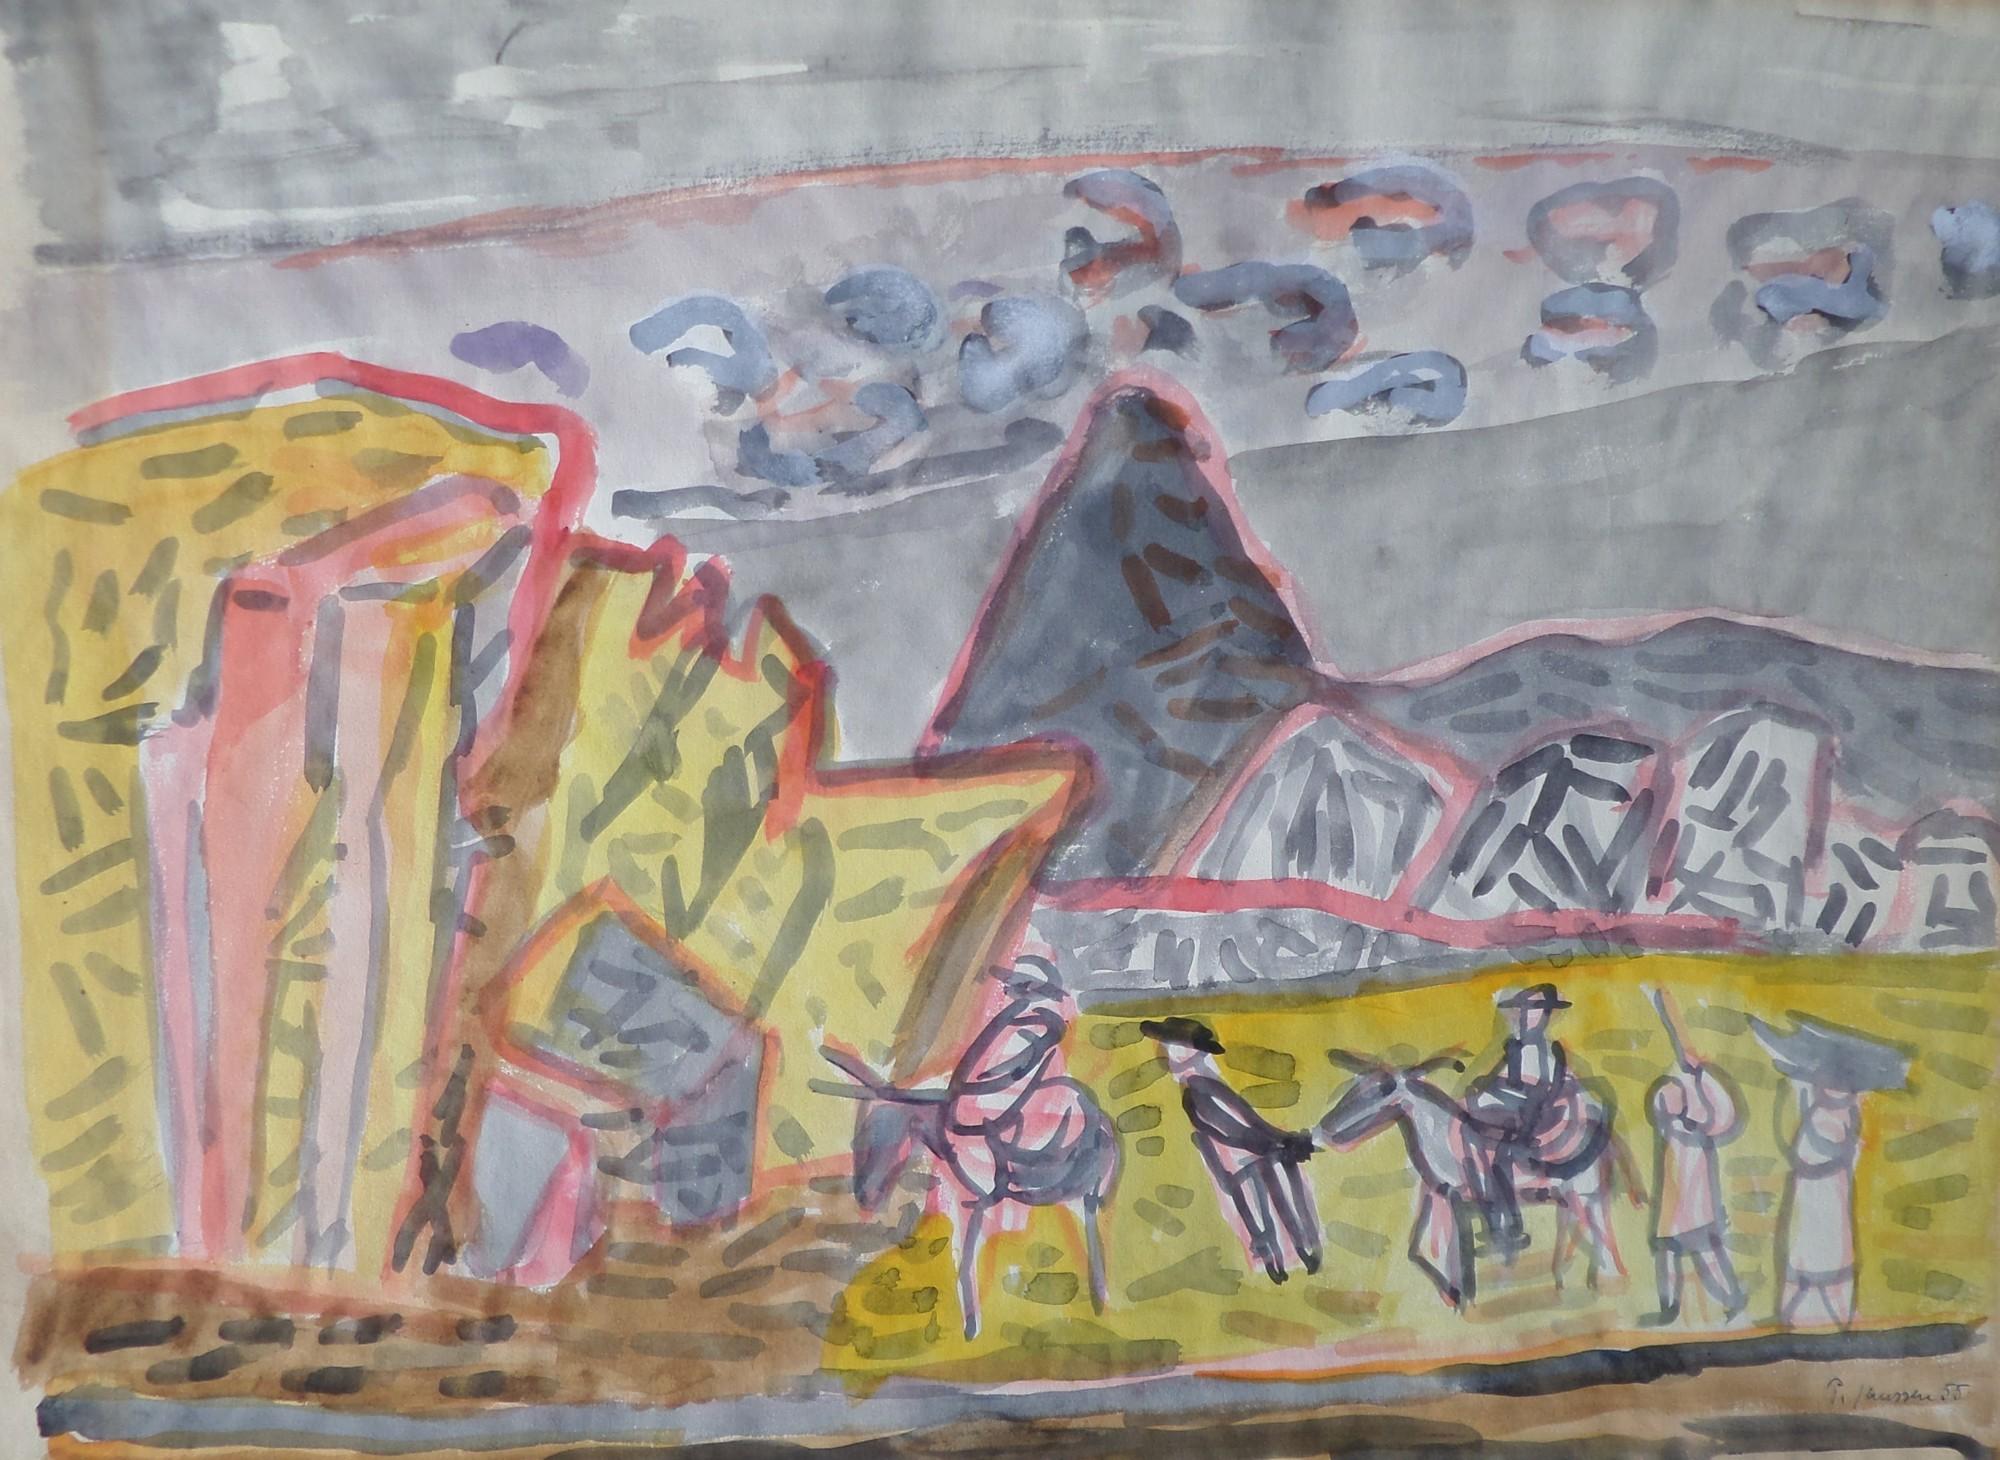 Runder Himmel, Striche, Aquarell von Peter Janssen, für vergrößerte Ansicht bitte anklicken!